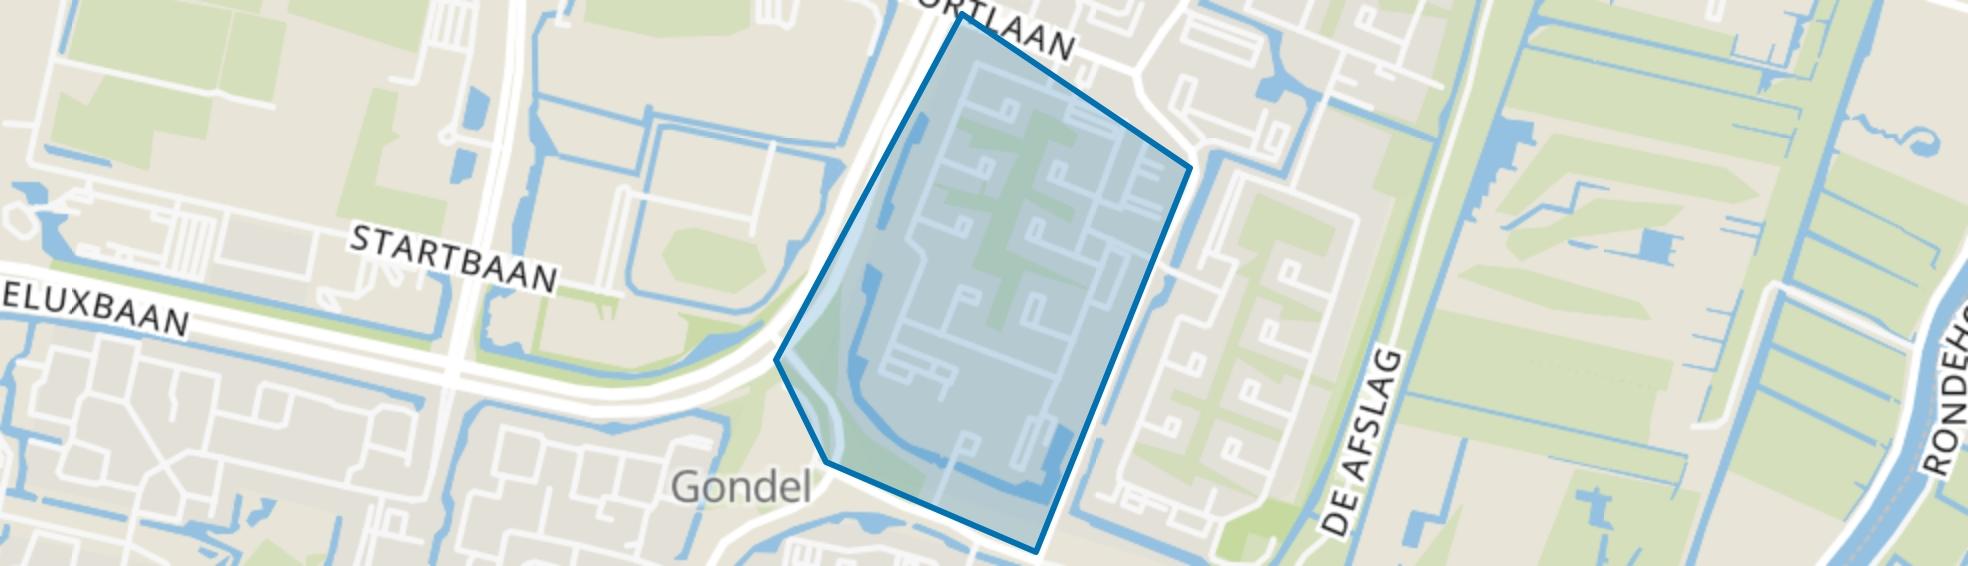 Watercirkelbuurt, Amstelveen map